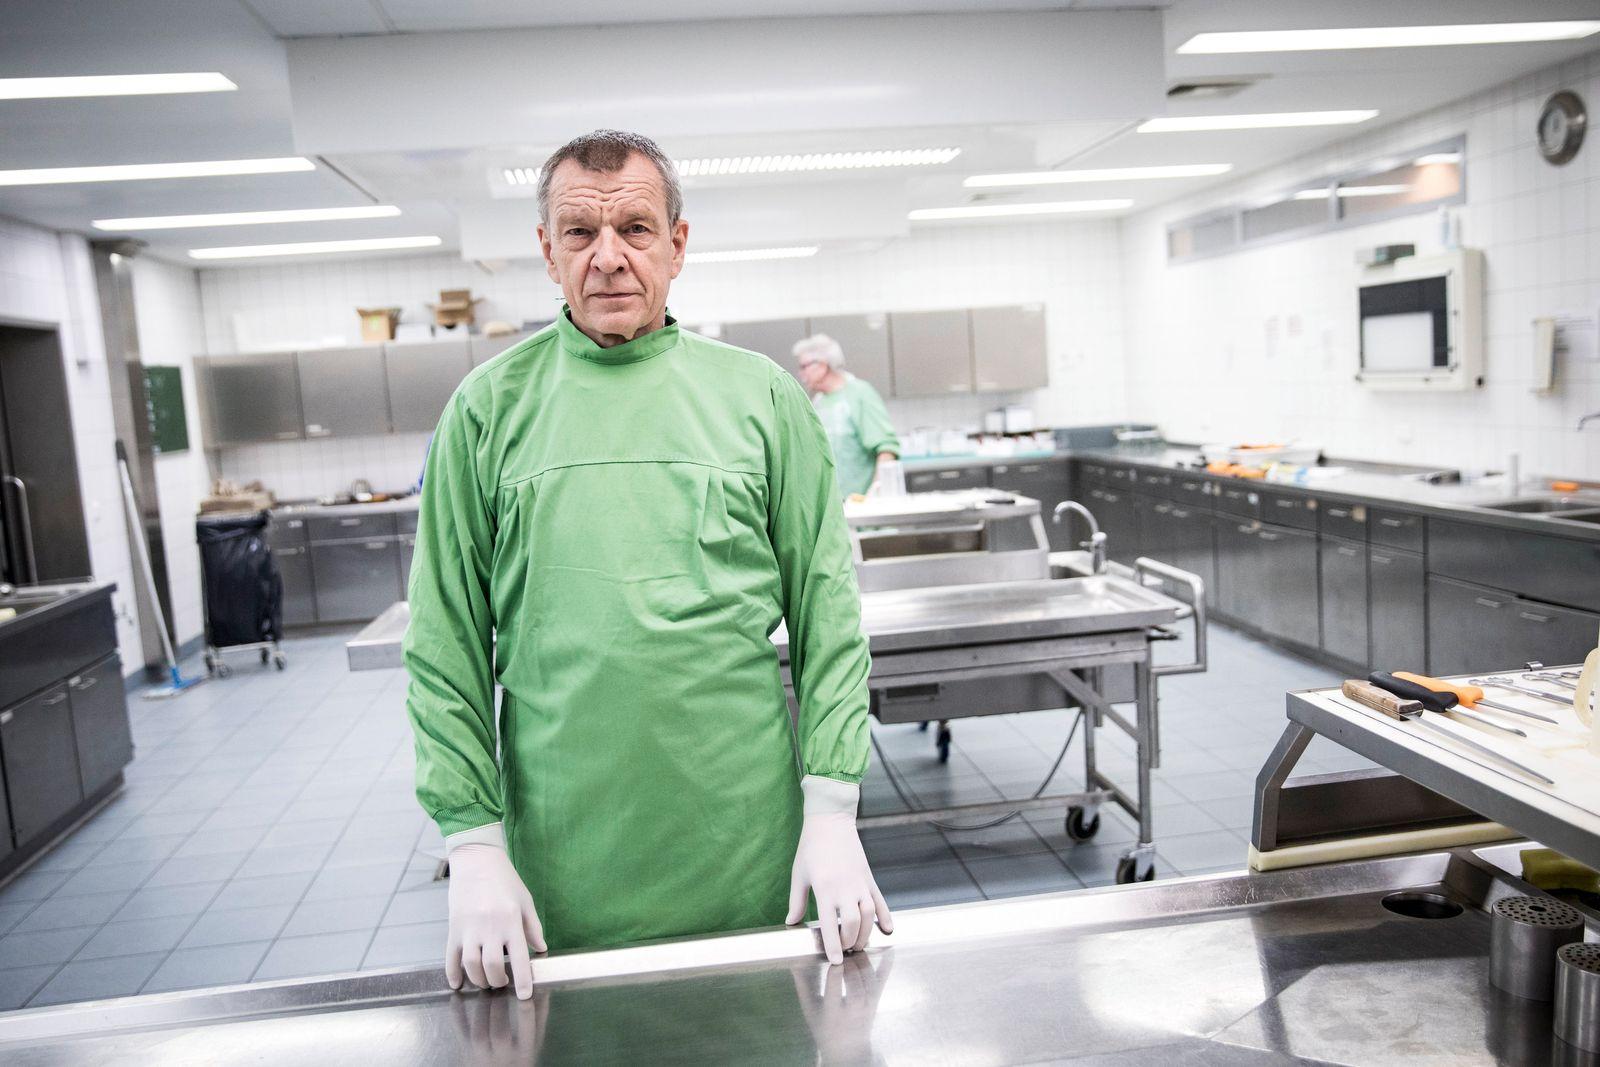 Rechtsmediziner Klaus Püschel